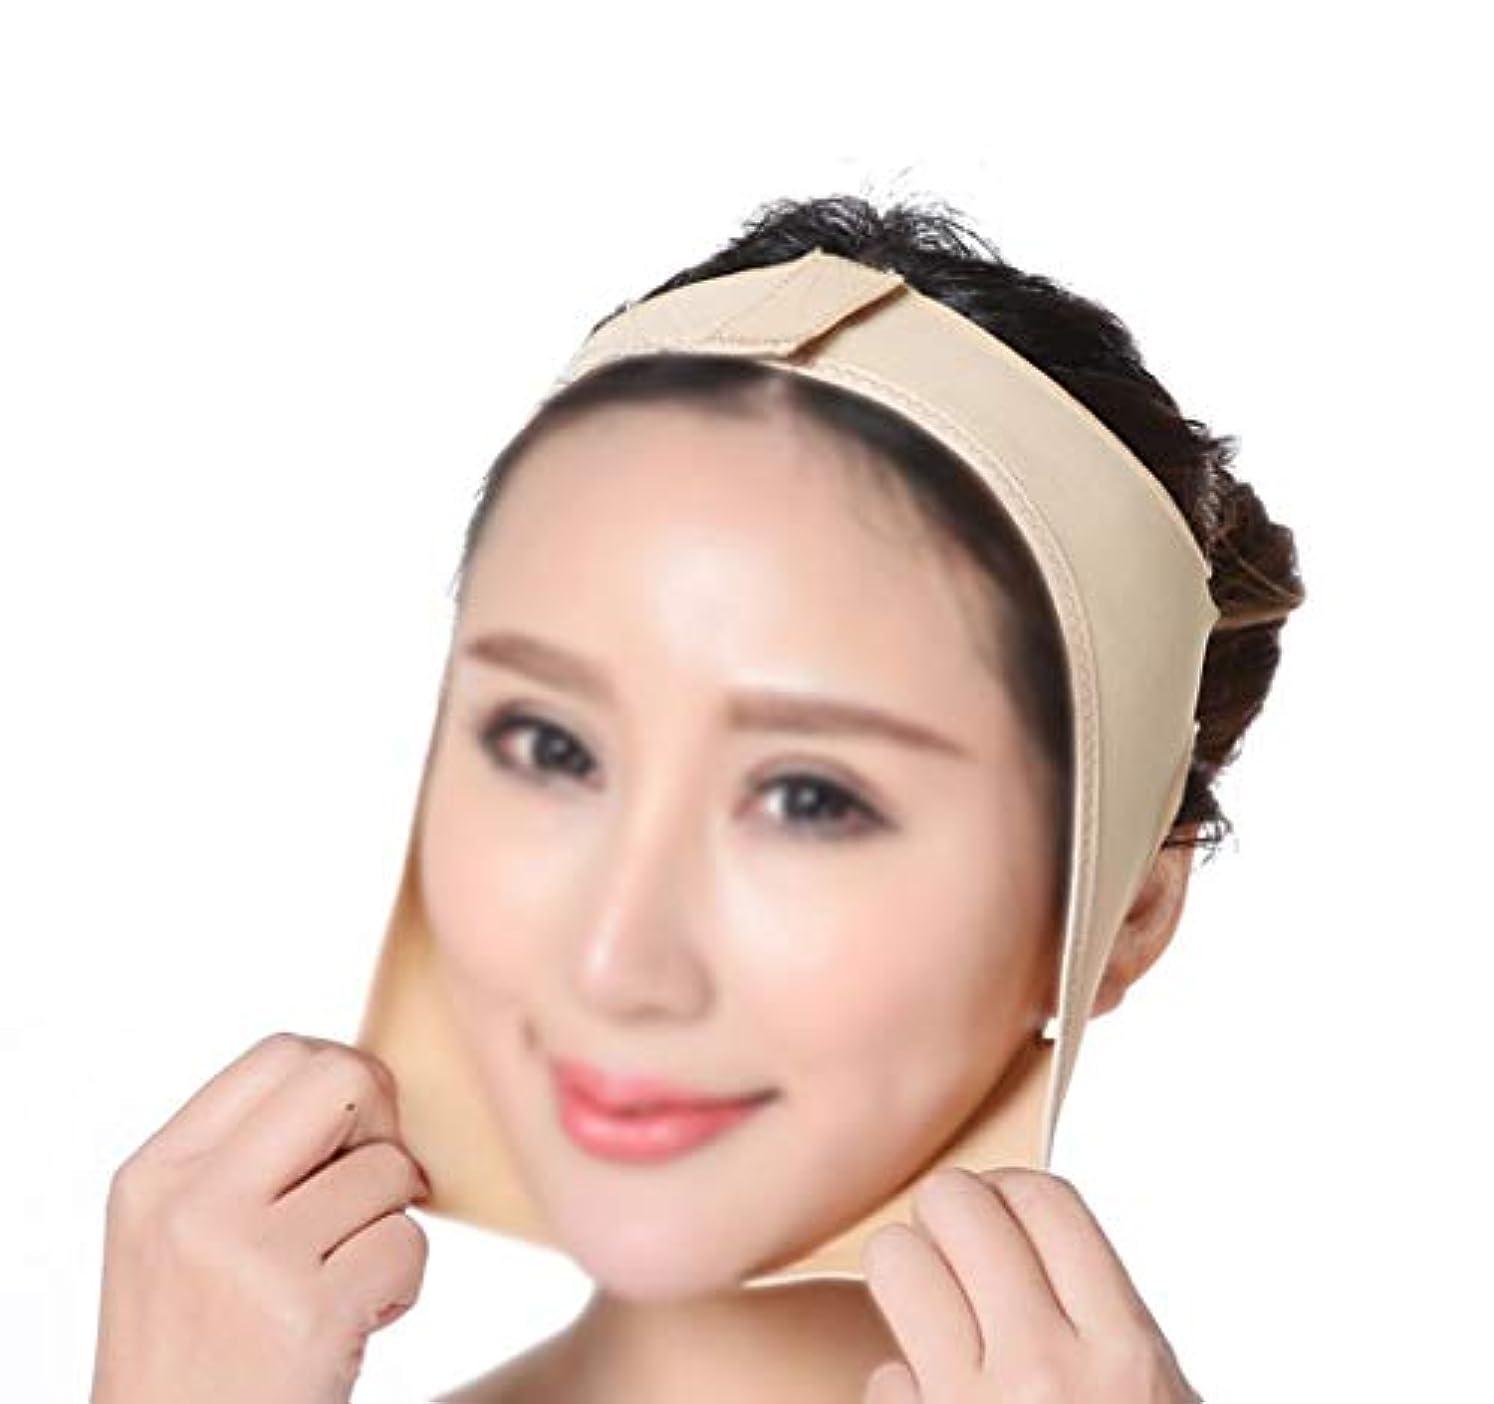 盗難参加するリダクターXHLMRMJ 引き締めフェイスマスク、通気性フェイス包帯対フェイスデバイス睡眠薄いフェイスマスクフェイスマッサージ楽器フェイスリフティングフェイスリフティングツール (Size : XXL)